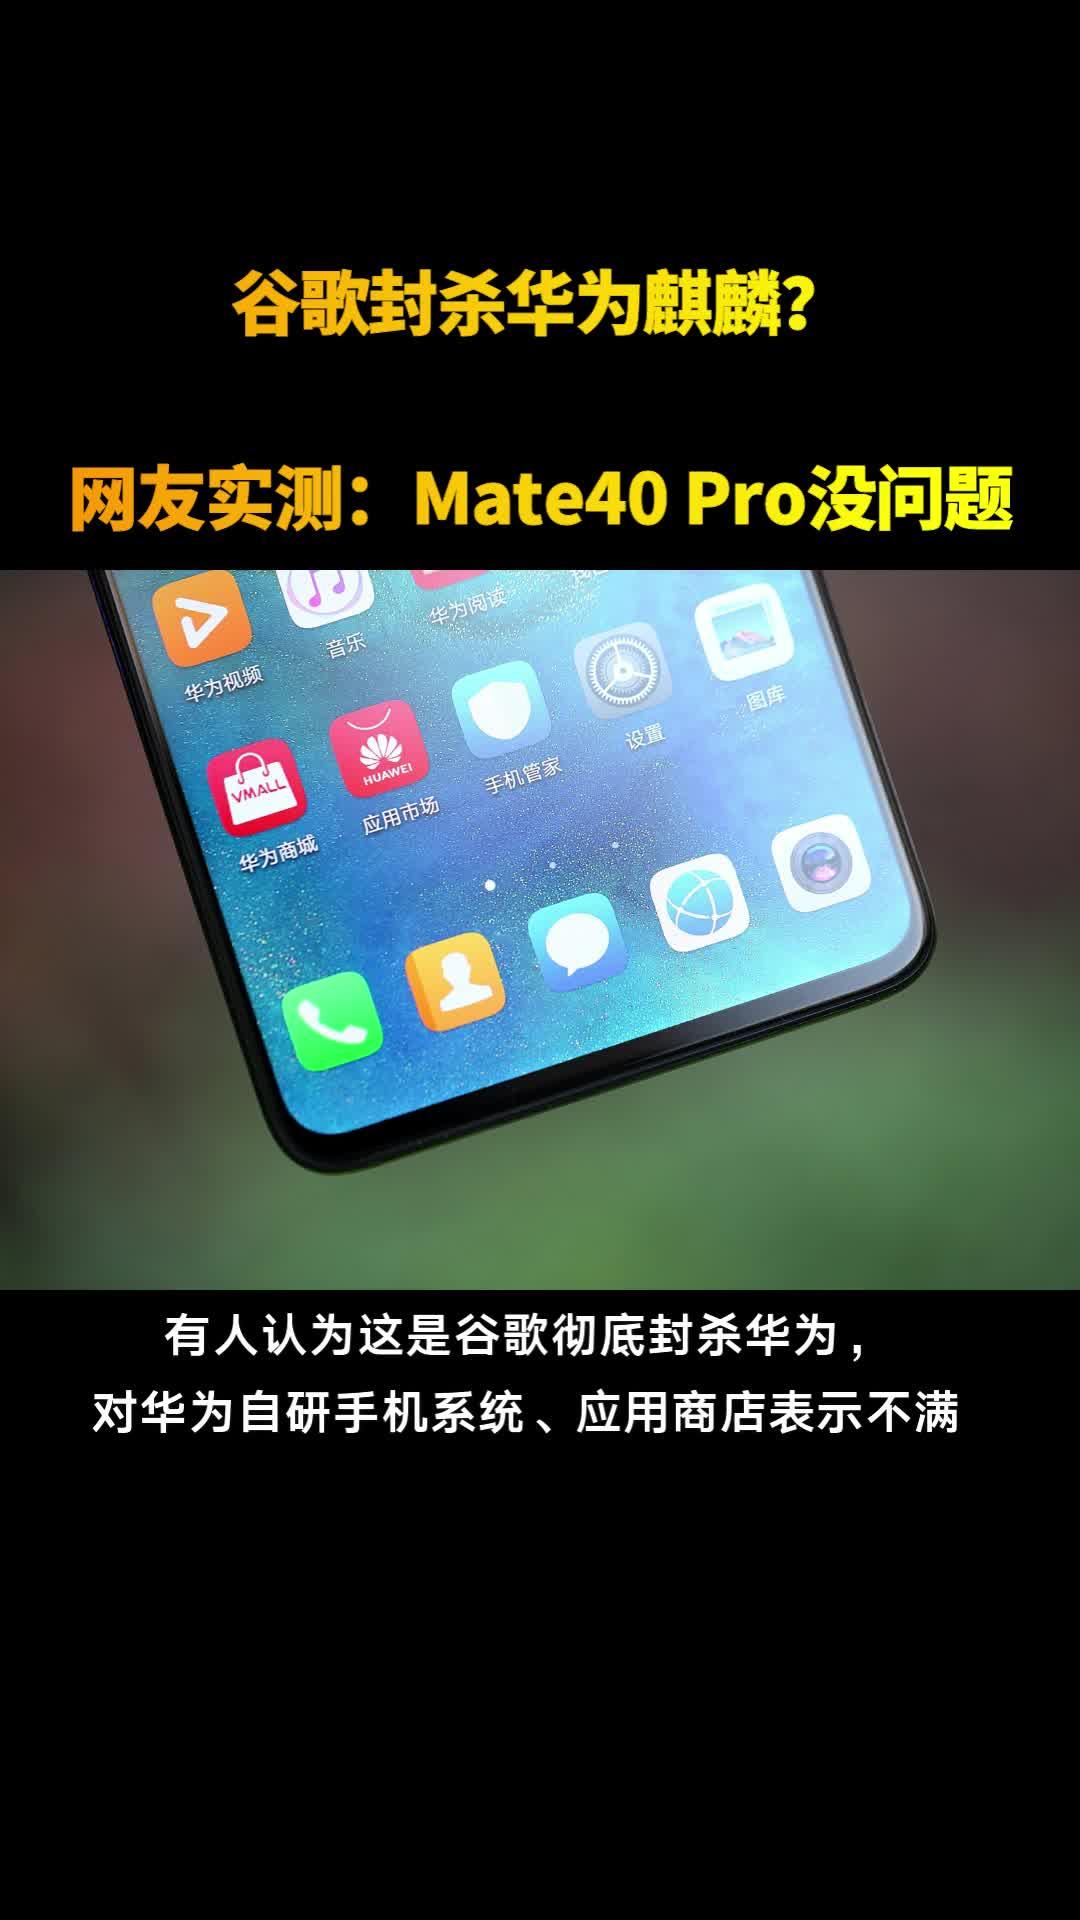 谷歌封杀华为麒麟网友实测Mate40 Pro没问题